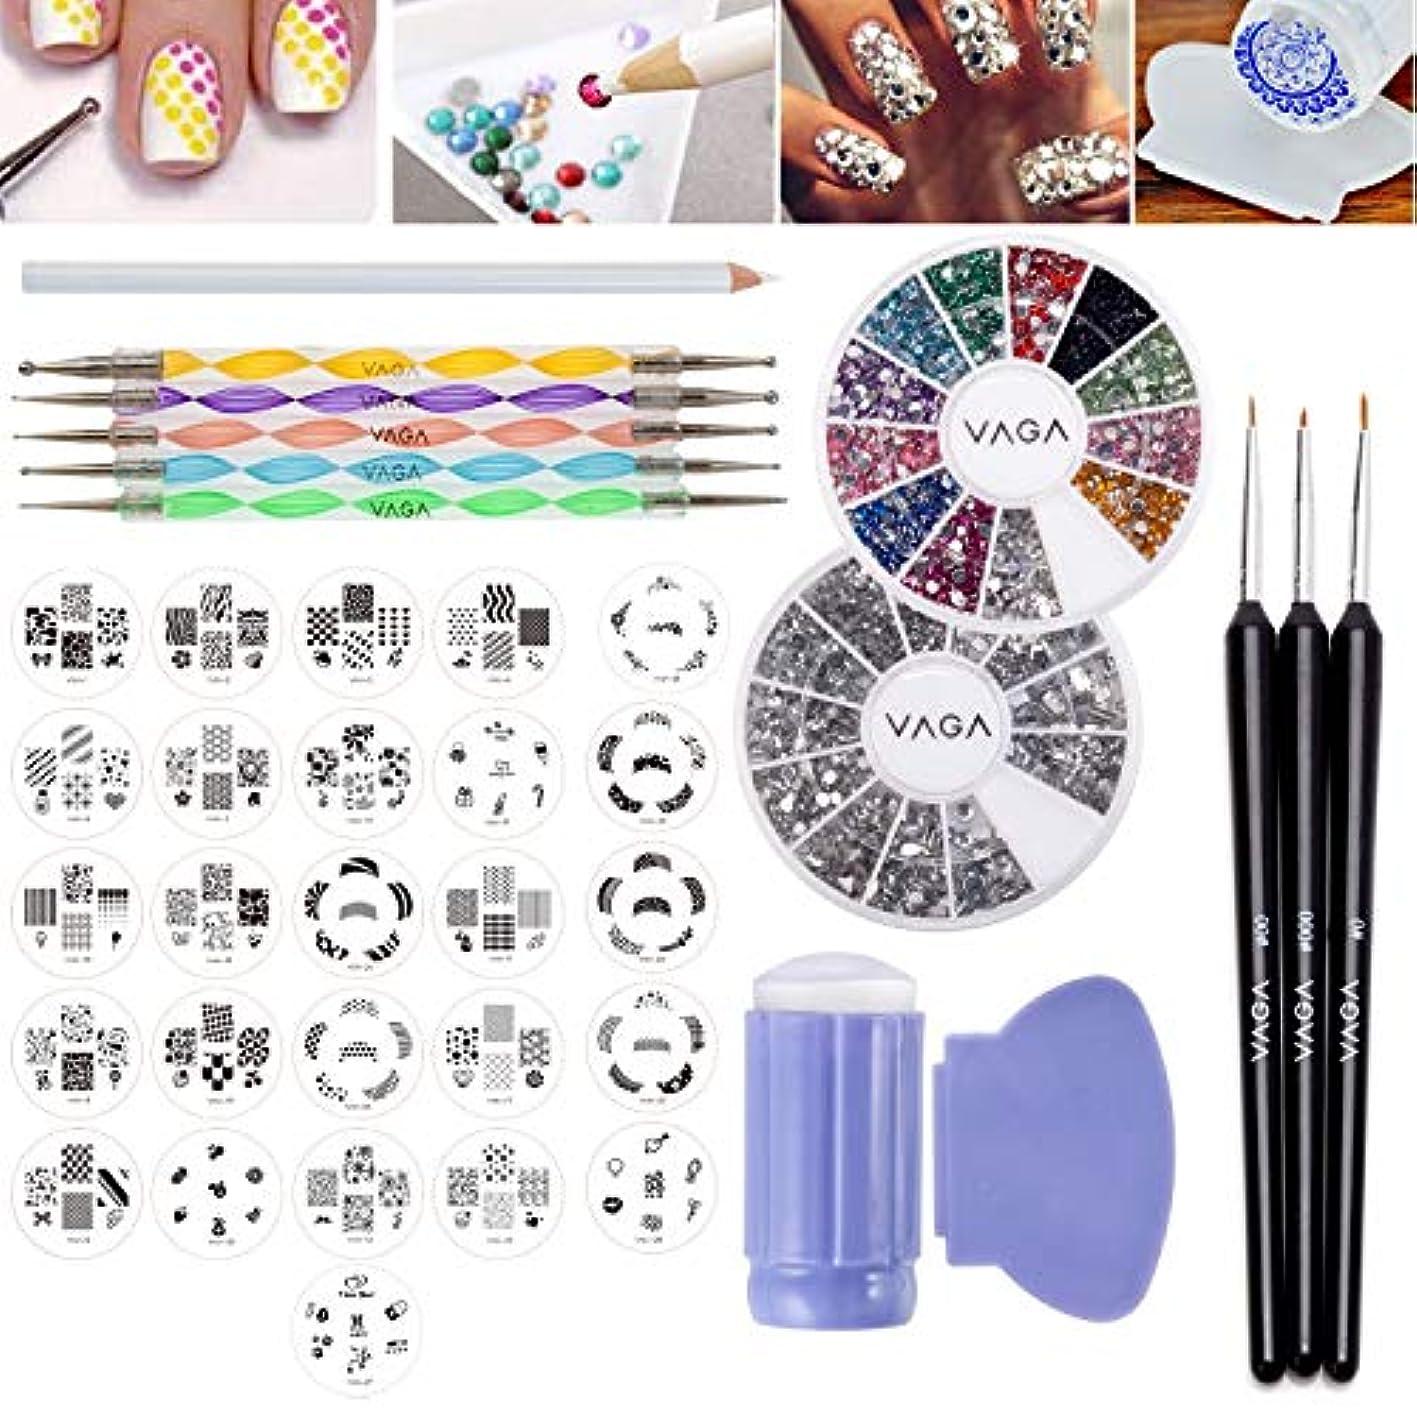 ネイルアートデザインは、合計160パターンの26個のスタンププレート、異なる形状の1200シルバー宝石のホイールと1200クリスタル/宝石12色、スタンパー/スタンプ、スクレーパー/スクレイピングアクセサリー、ドッター/...